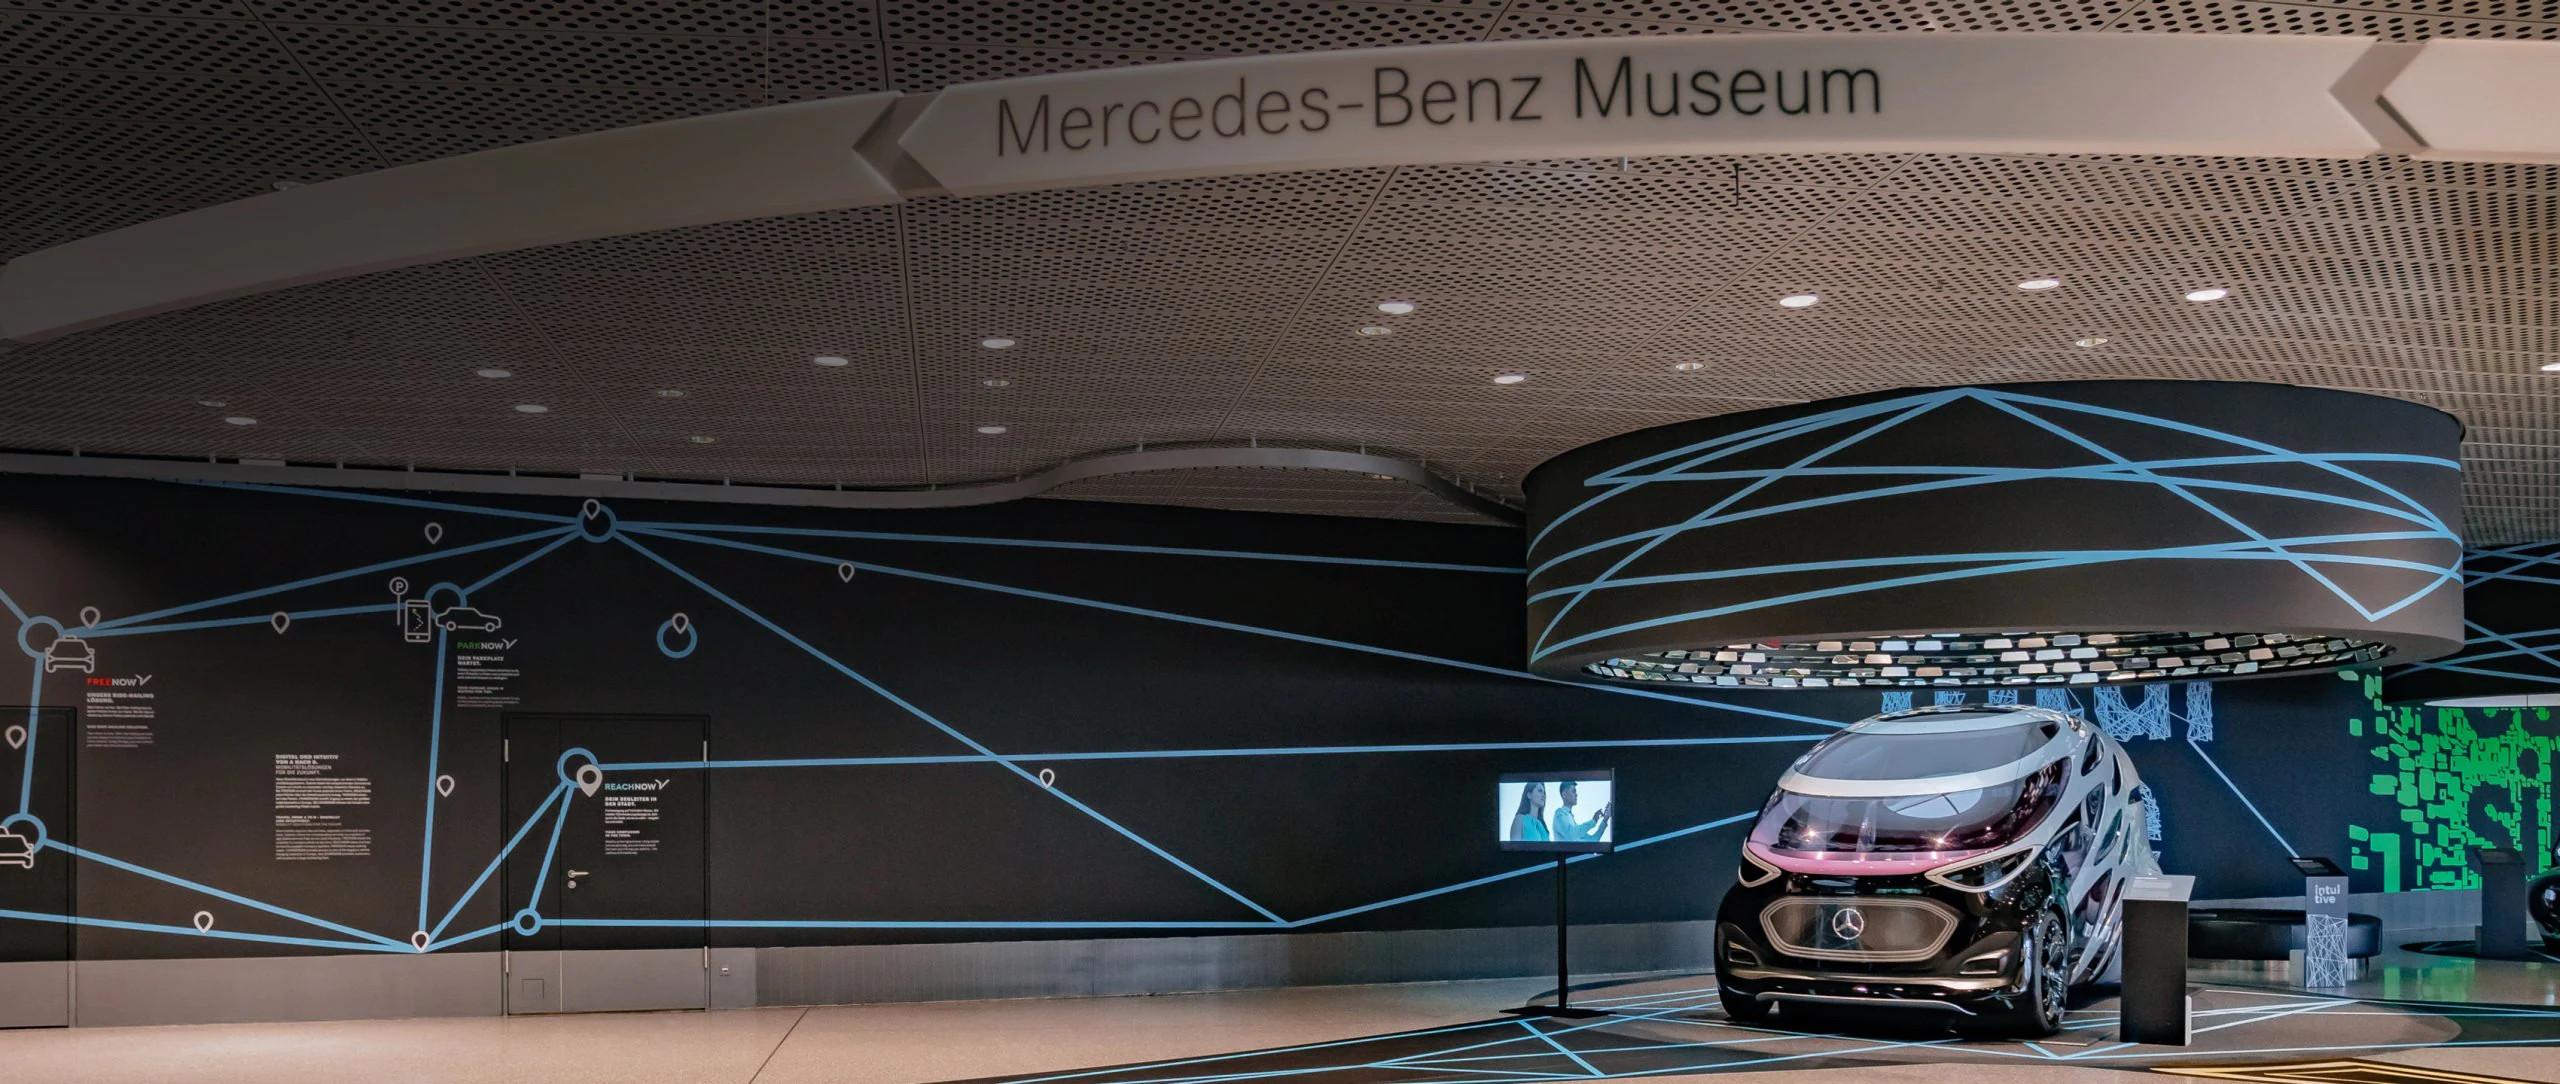 Mercedes-Benz Museum und Atelier Markgraph zeigen Sonderausstellung